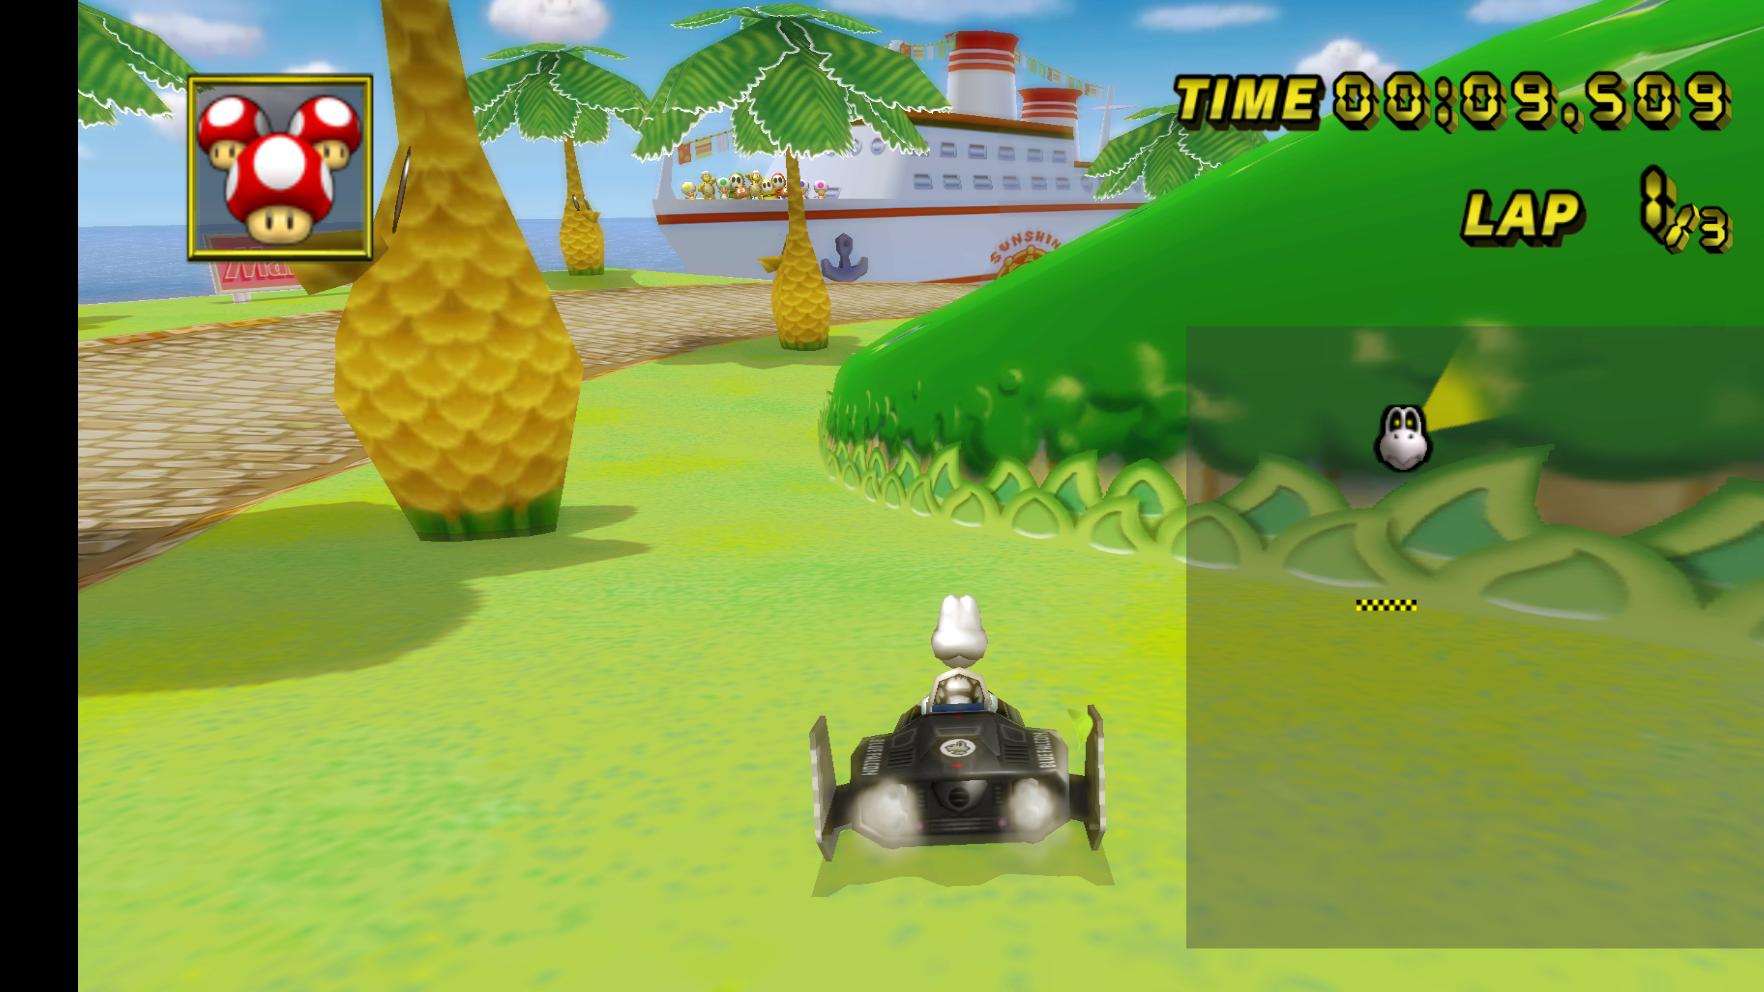 Mario Kart Wii Distorted